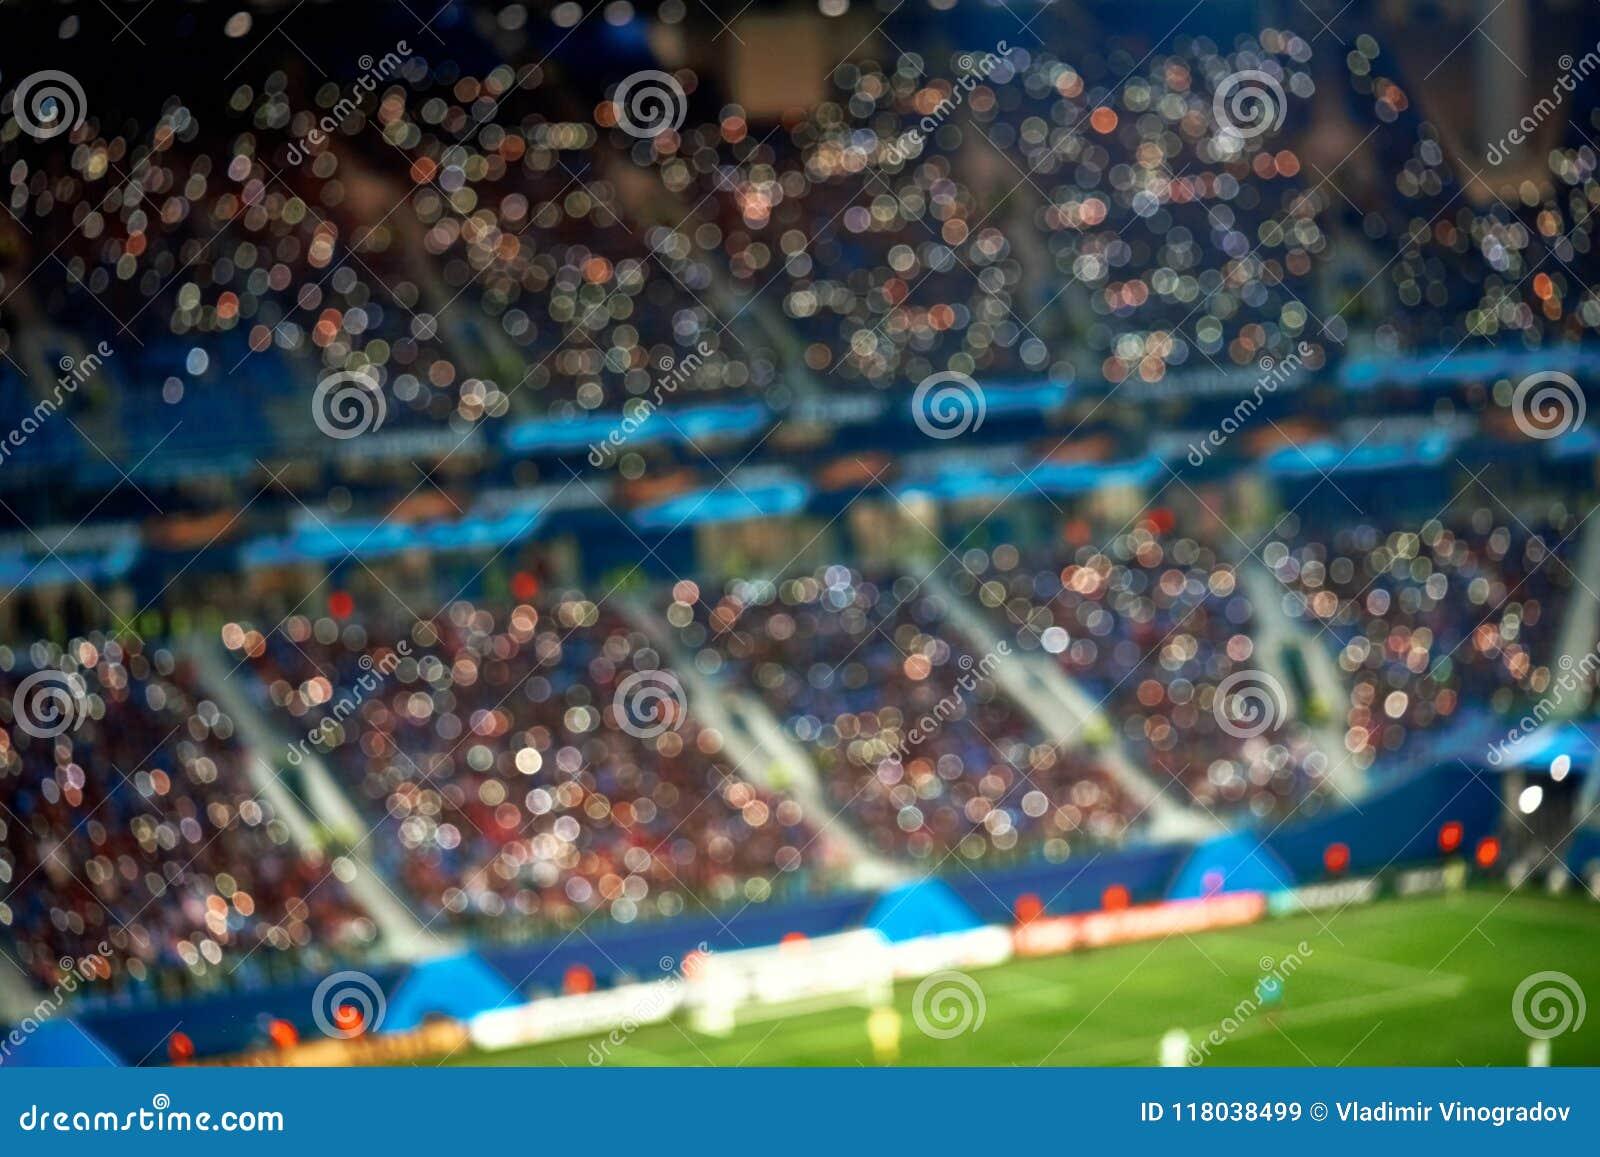 Tribune piene dello stadio di calcio di calcio con le luci Fondo vago fuoco molle